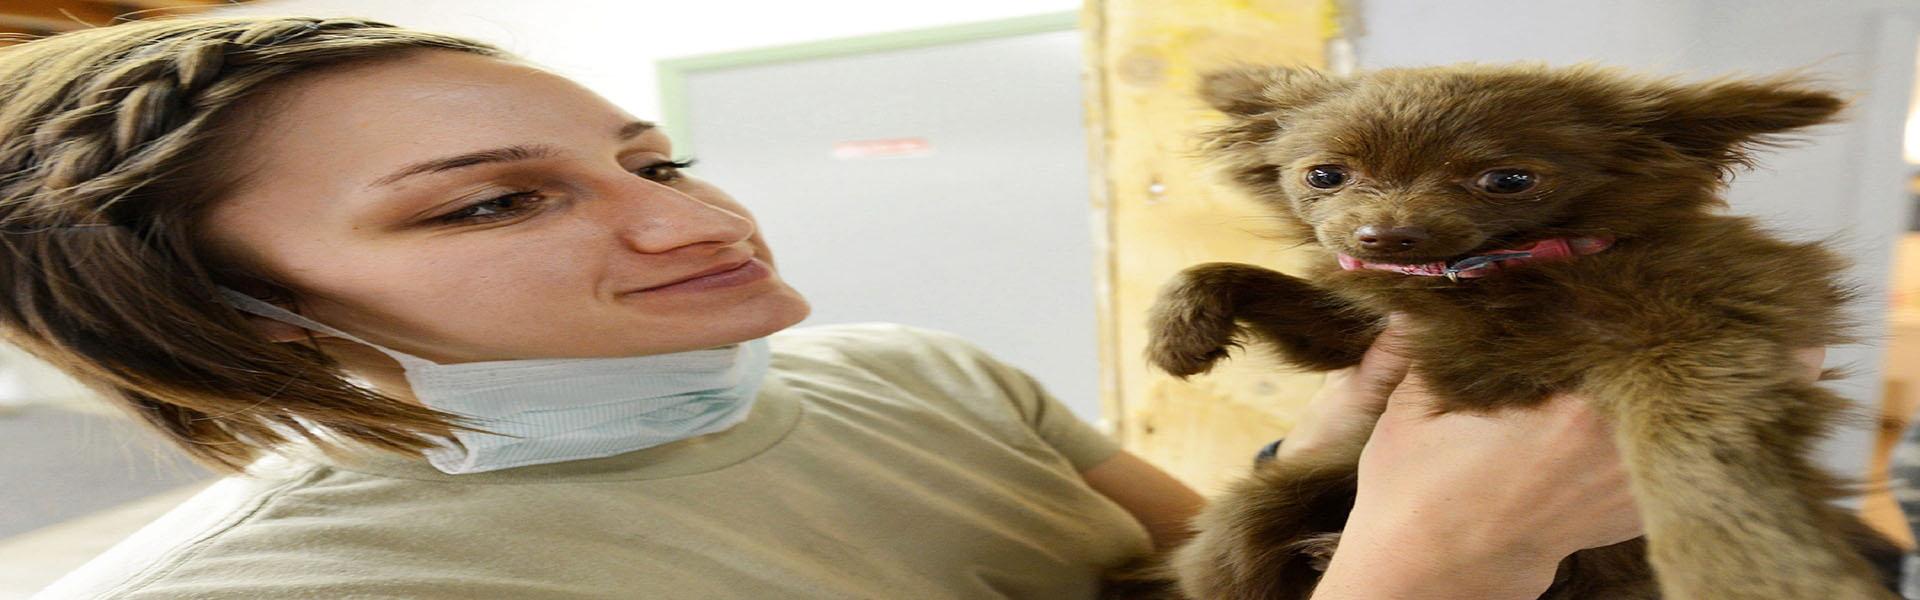 Curso auxiliar clínico veterinario